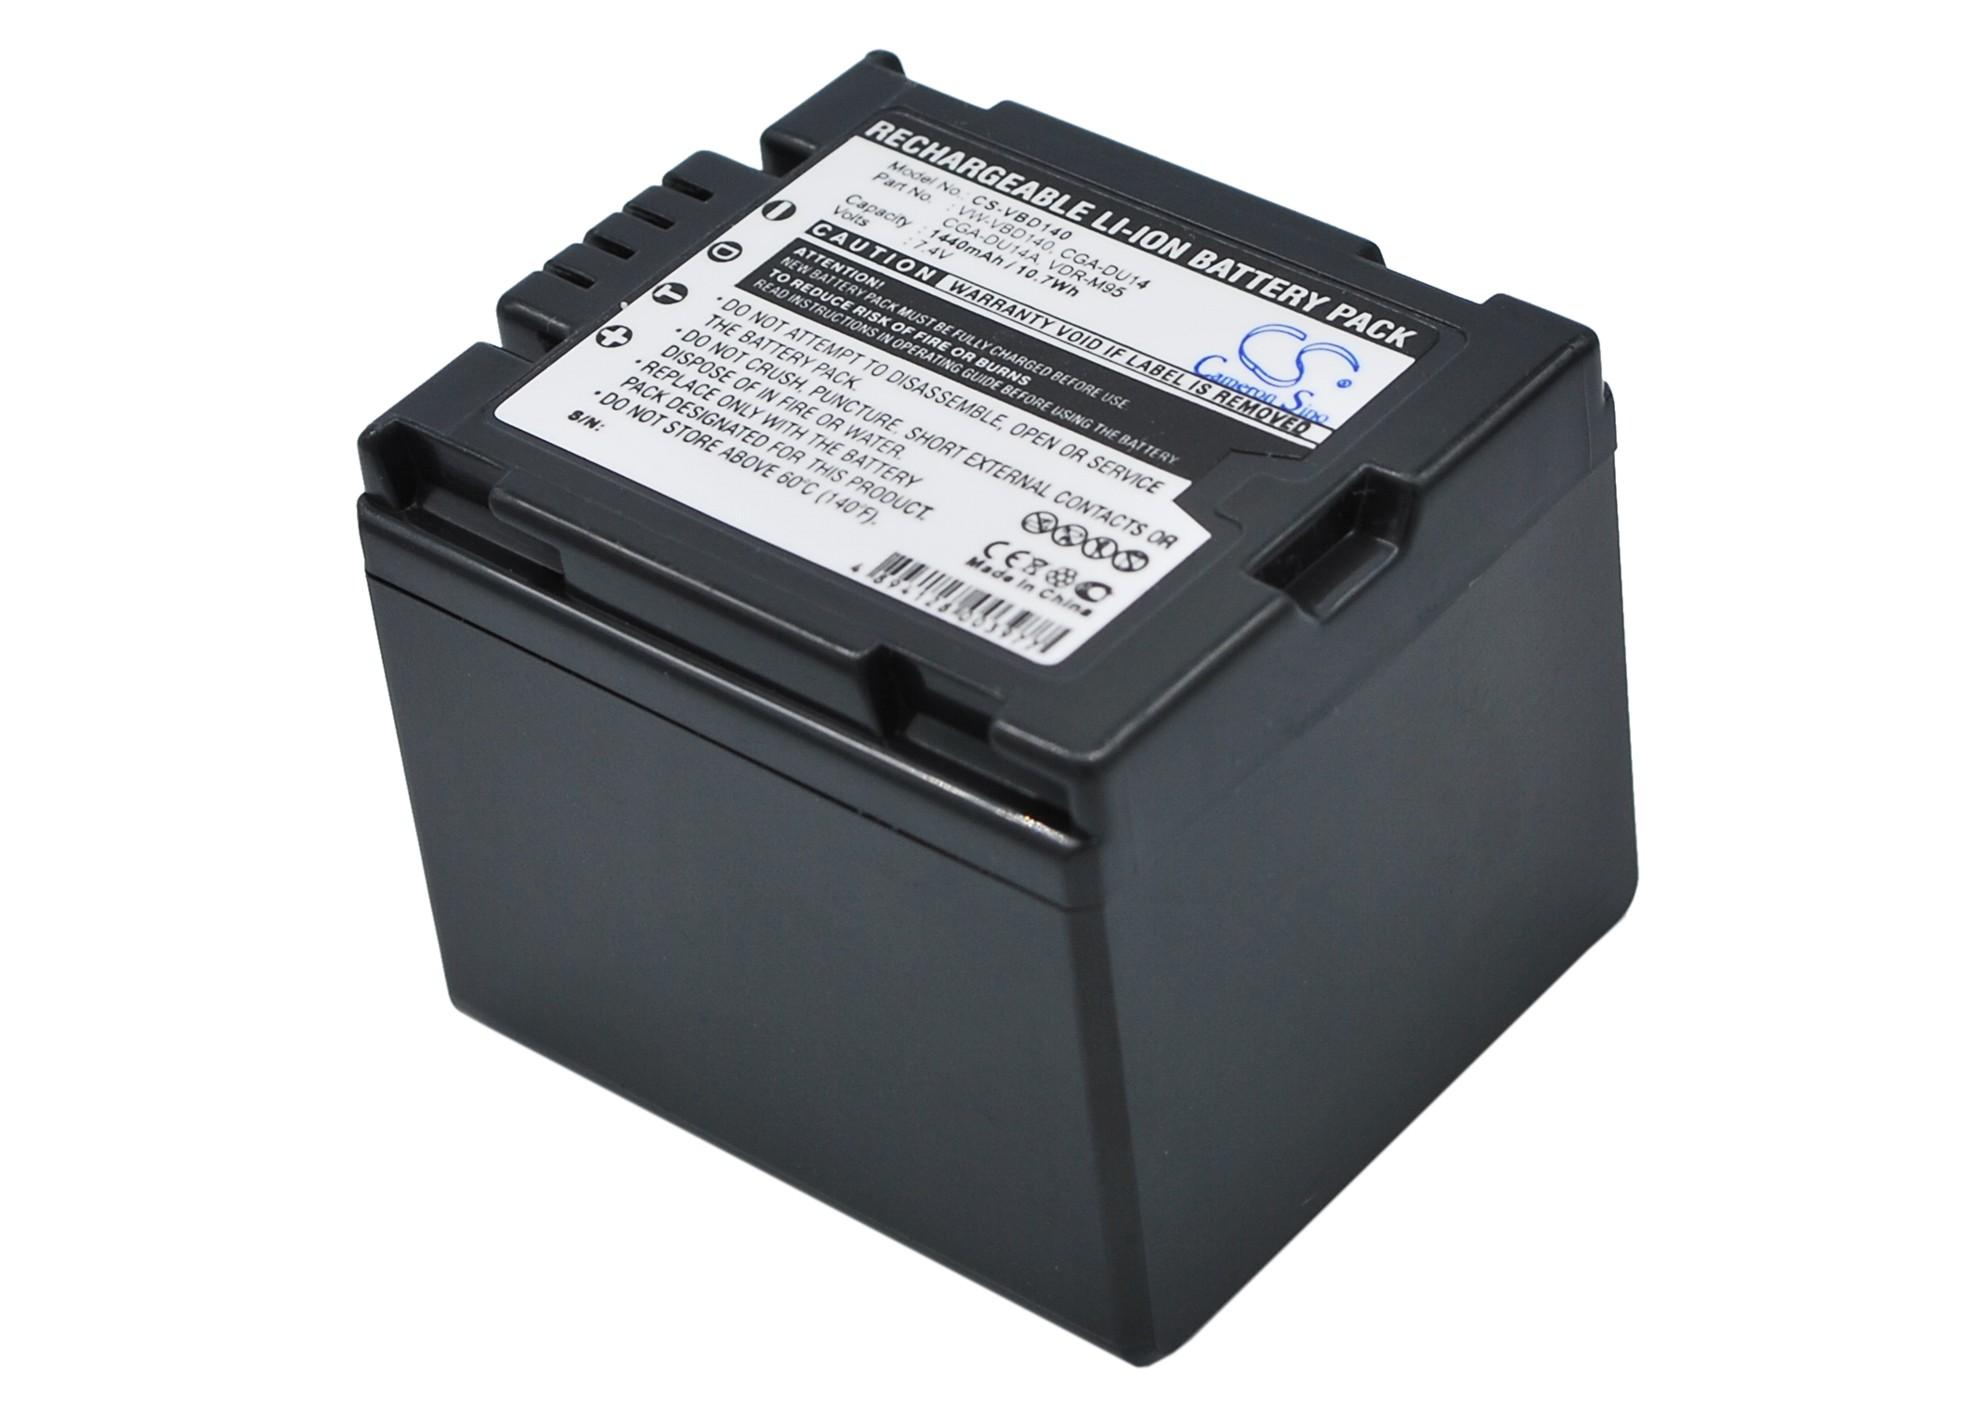 Cameron Sino baterie do kamer a fotoaparátů pro HITACHI DZ-MV730 7.4V Li-ion 1440mAh tmavě šedá - neoriginální